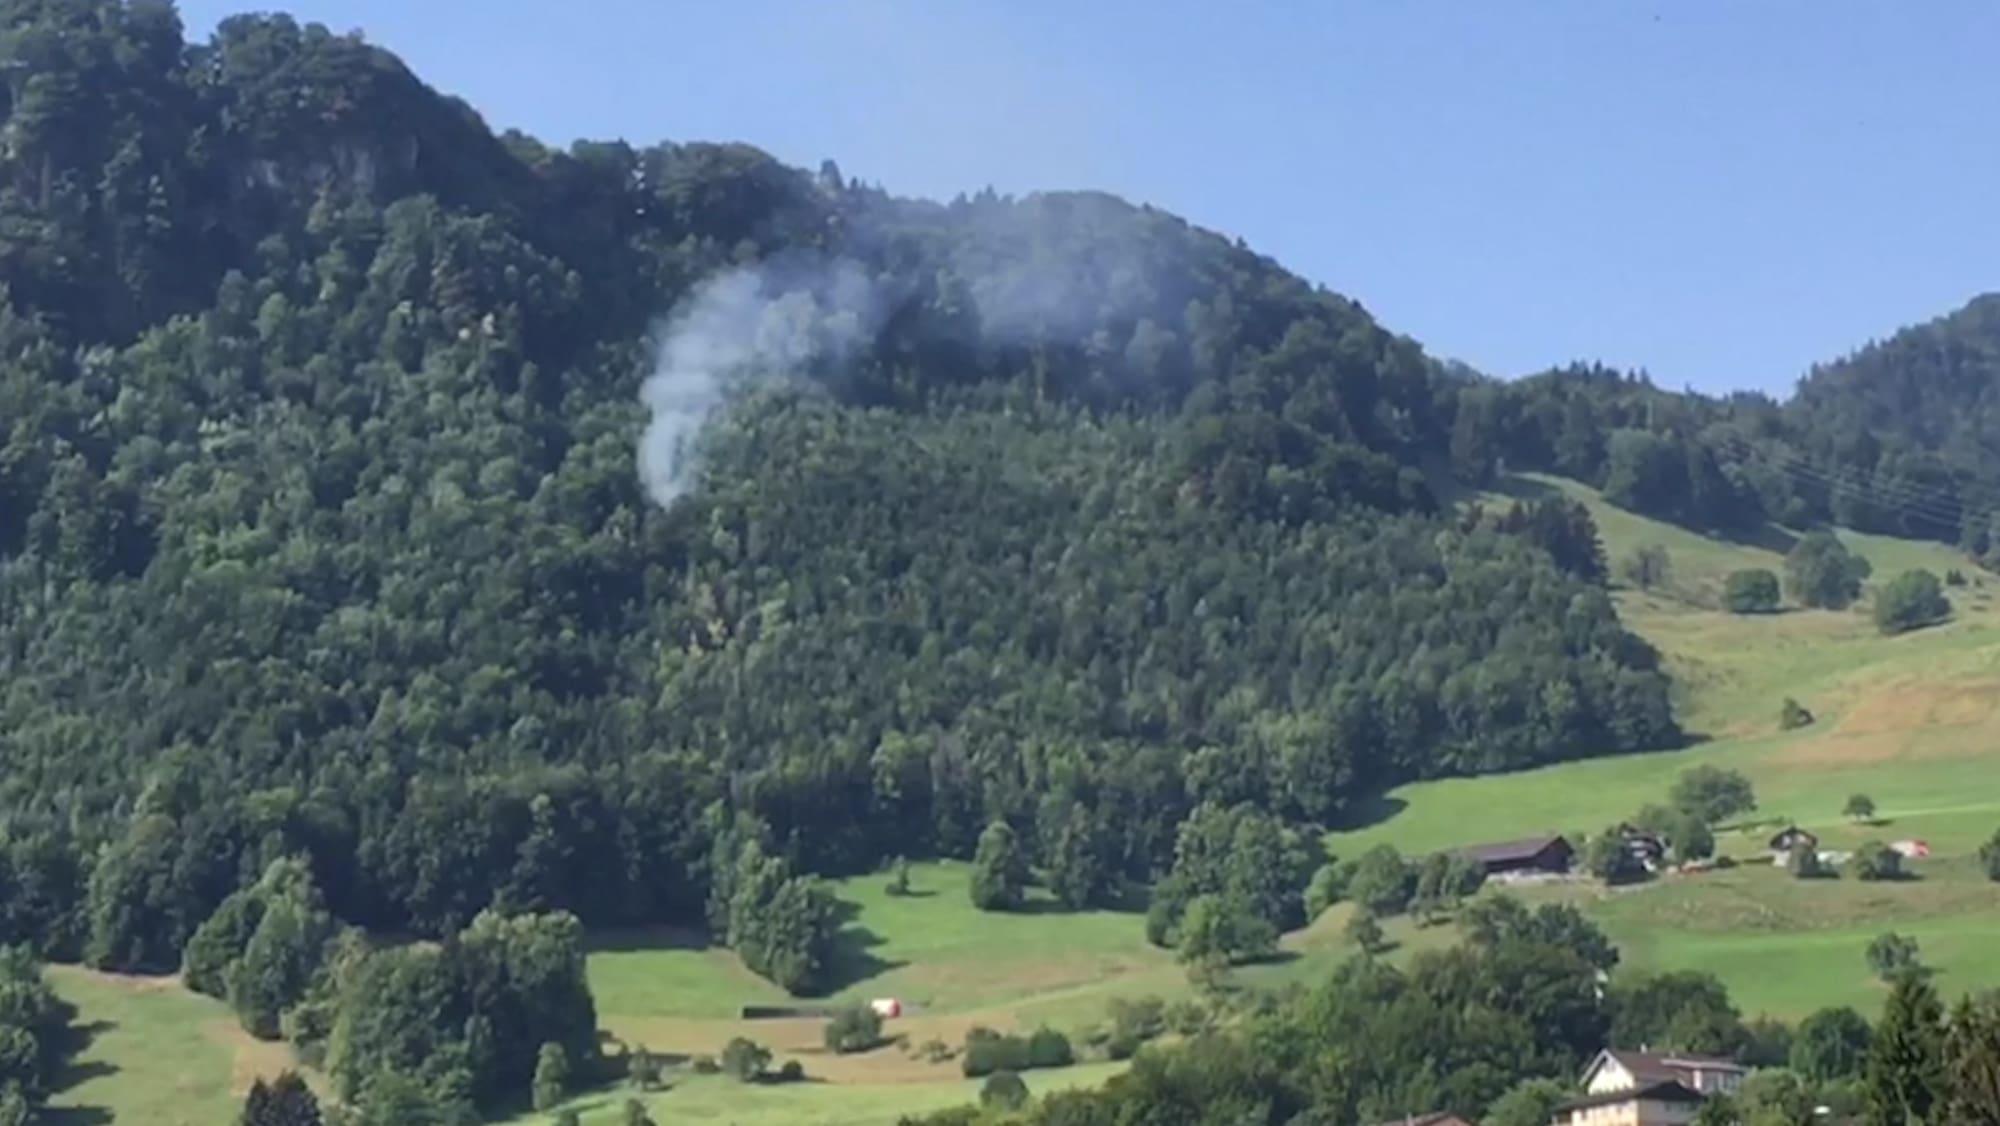 Pilotenfehler schuld an tödlichem Flugzeugcrash in Nidwalden